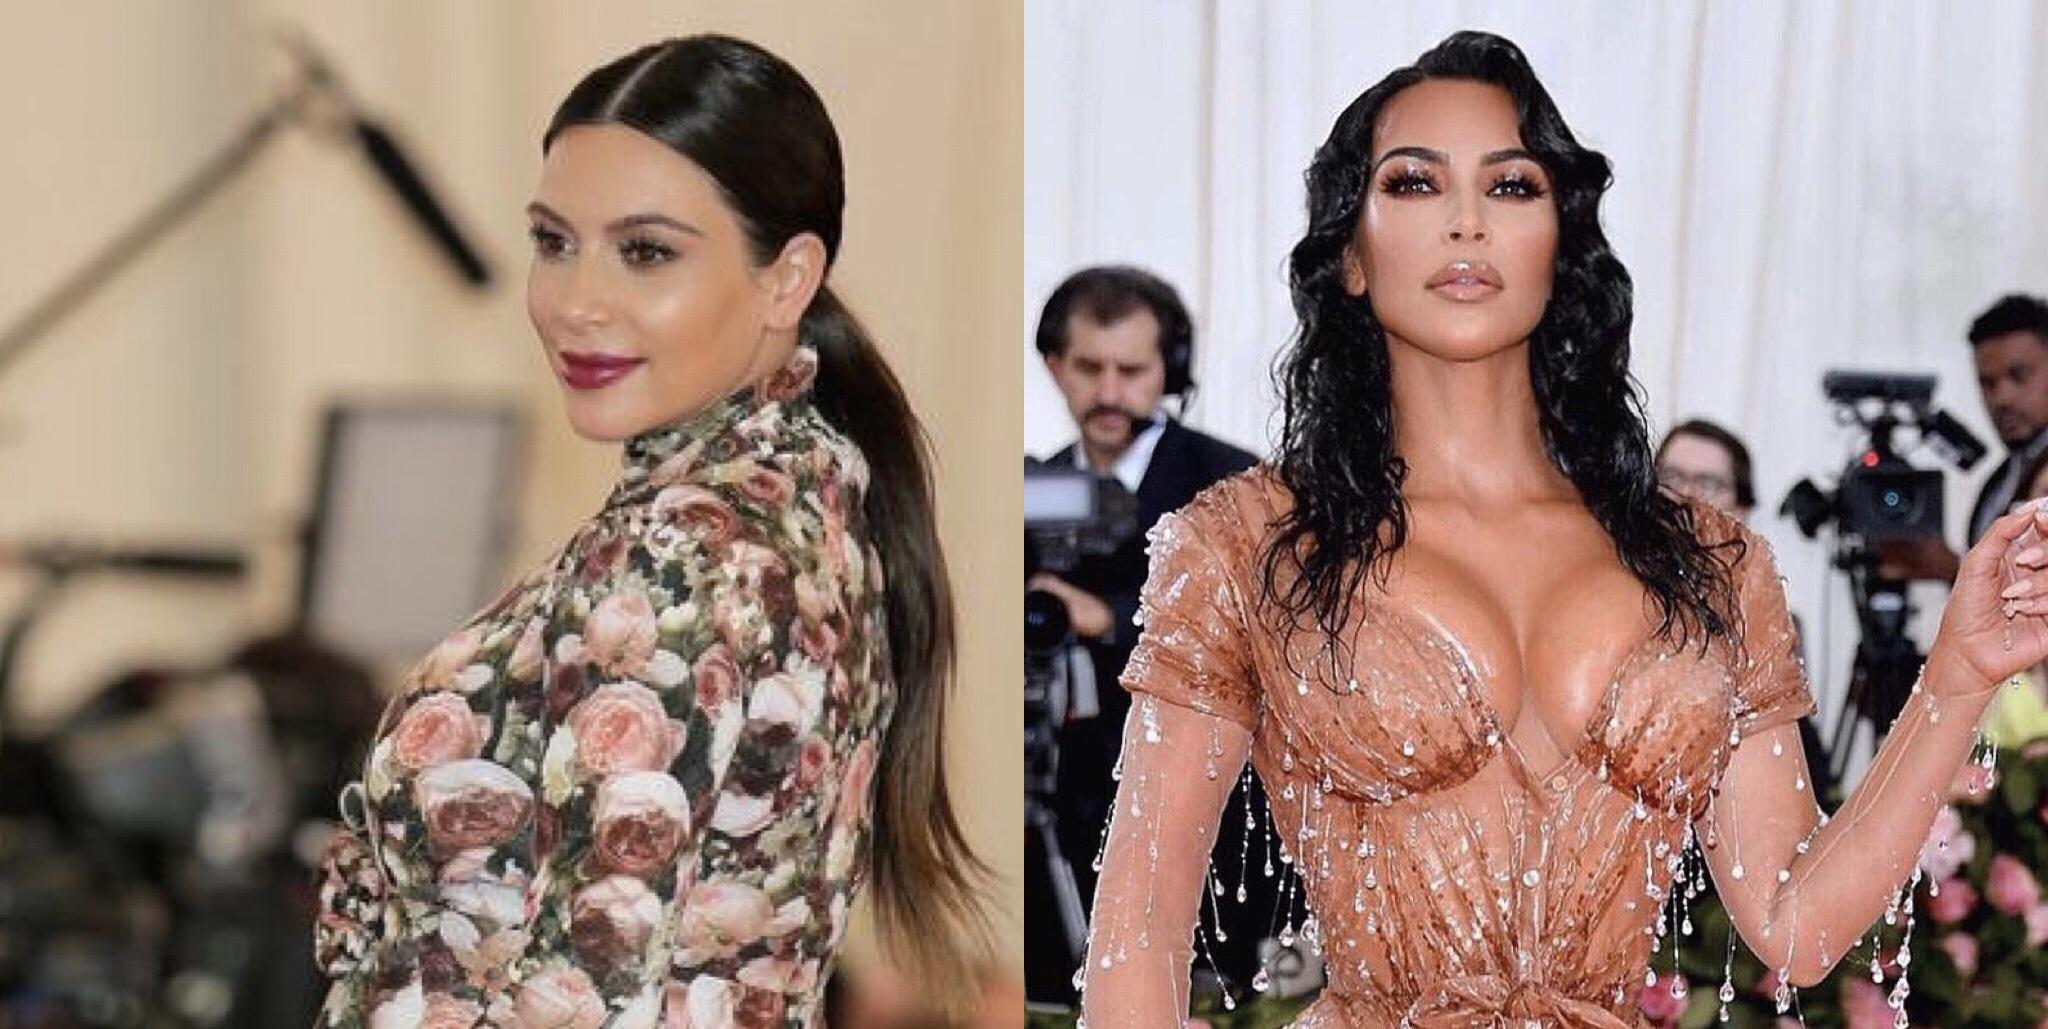 Kim Kardashian grét eftir fyrsta skiptið sitt á Met Gala